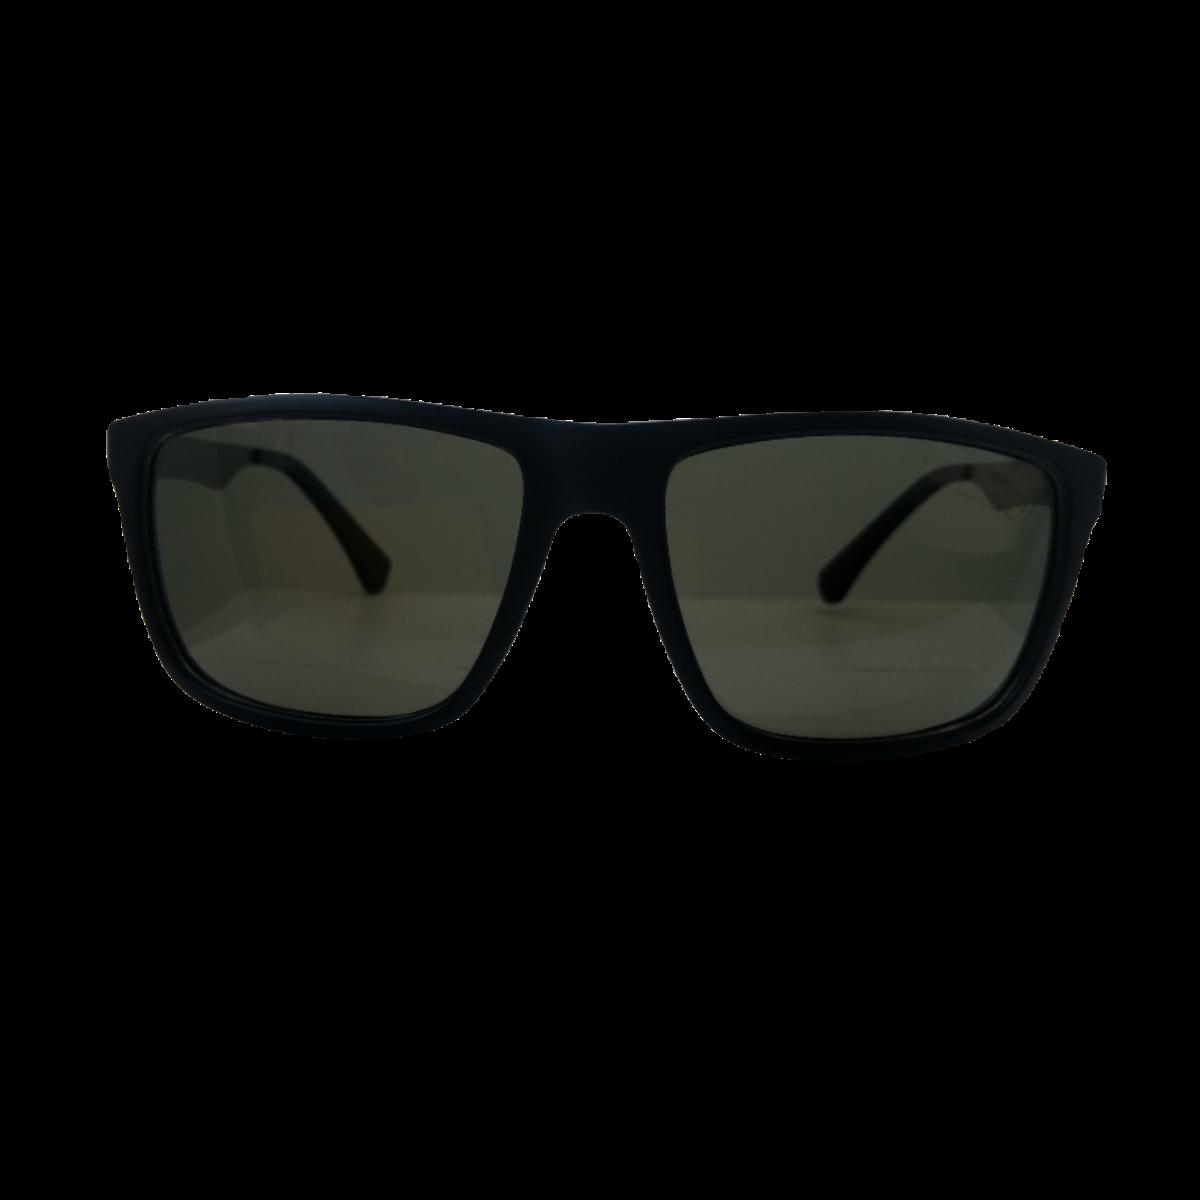 Óculos de Sol Polarizado Lucky7017